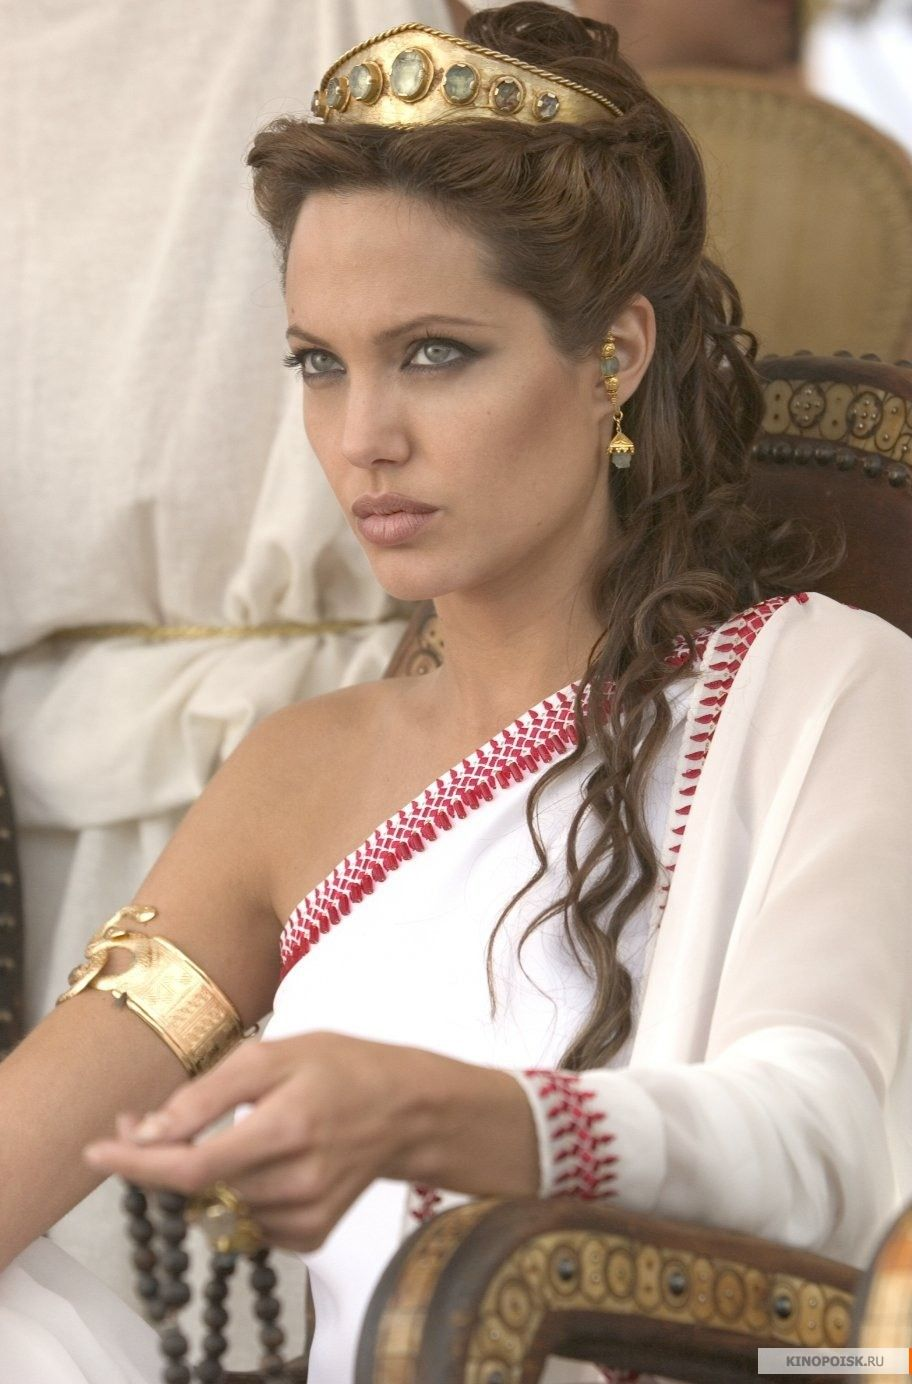 Angelina Jolie Film Nuda alexander (2004) angelena jolie as olimpia - simple and